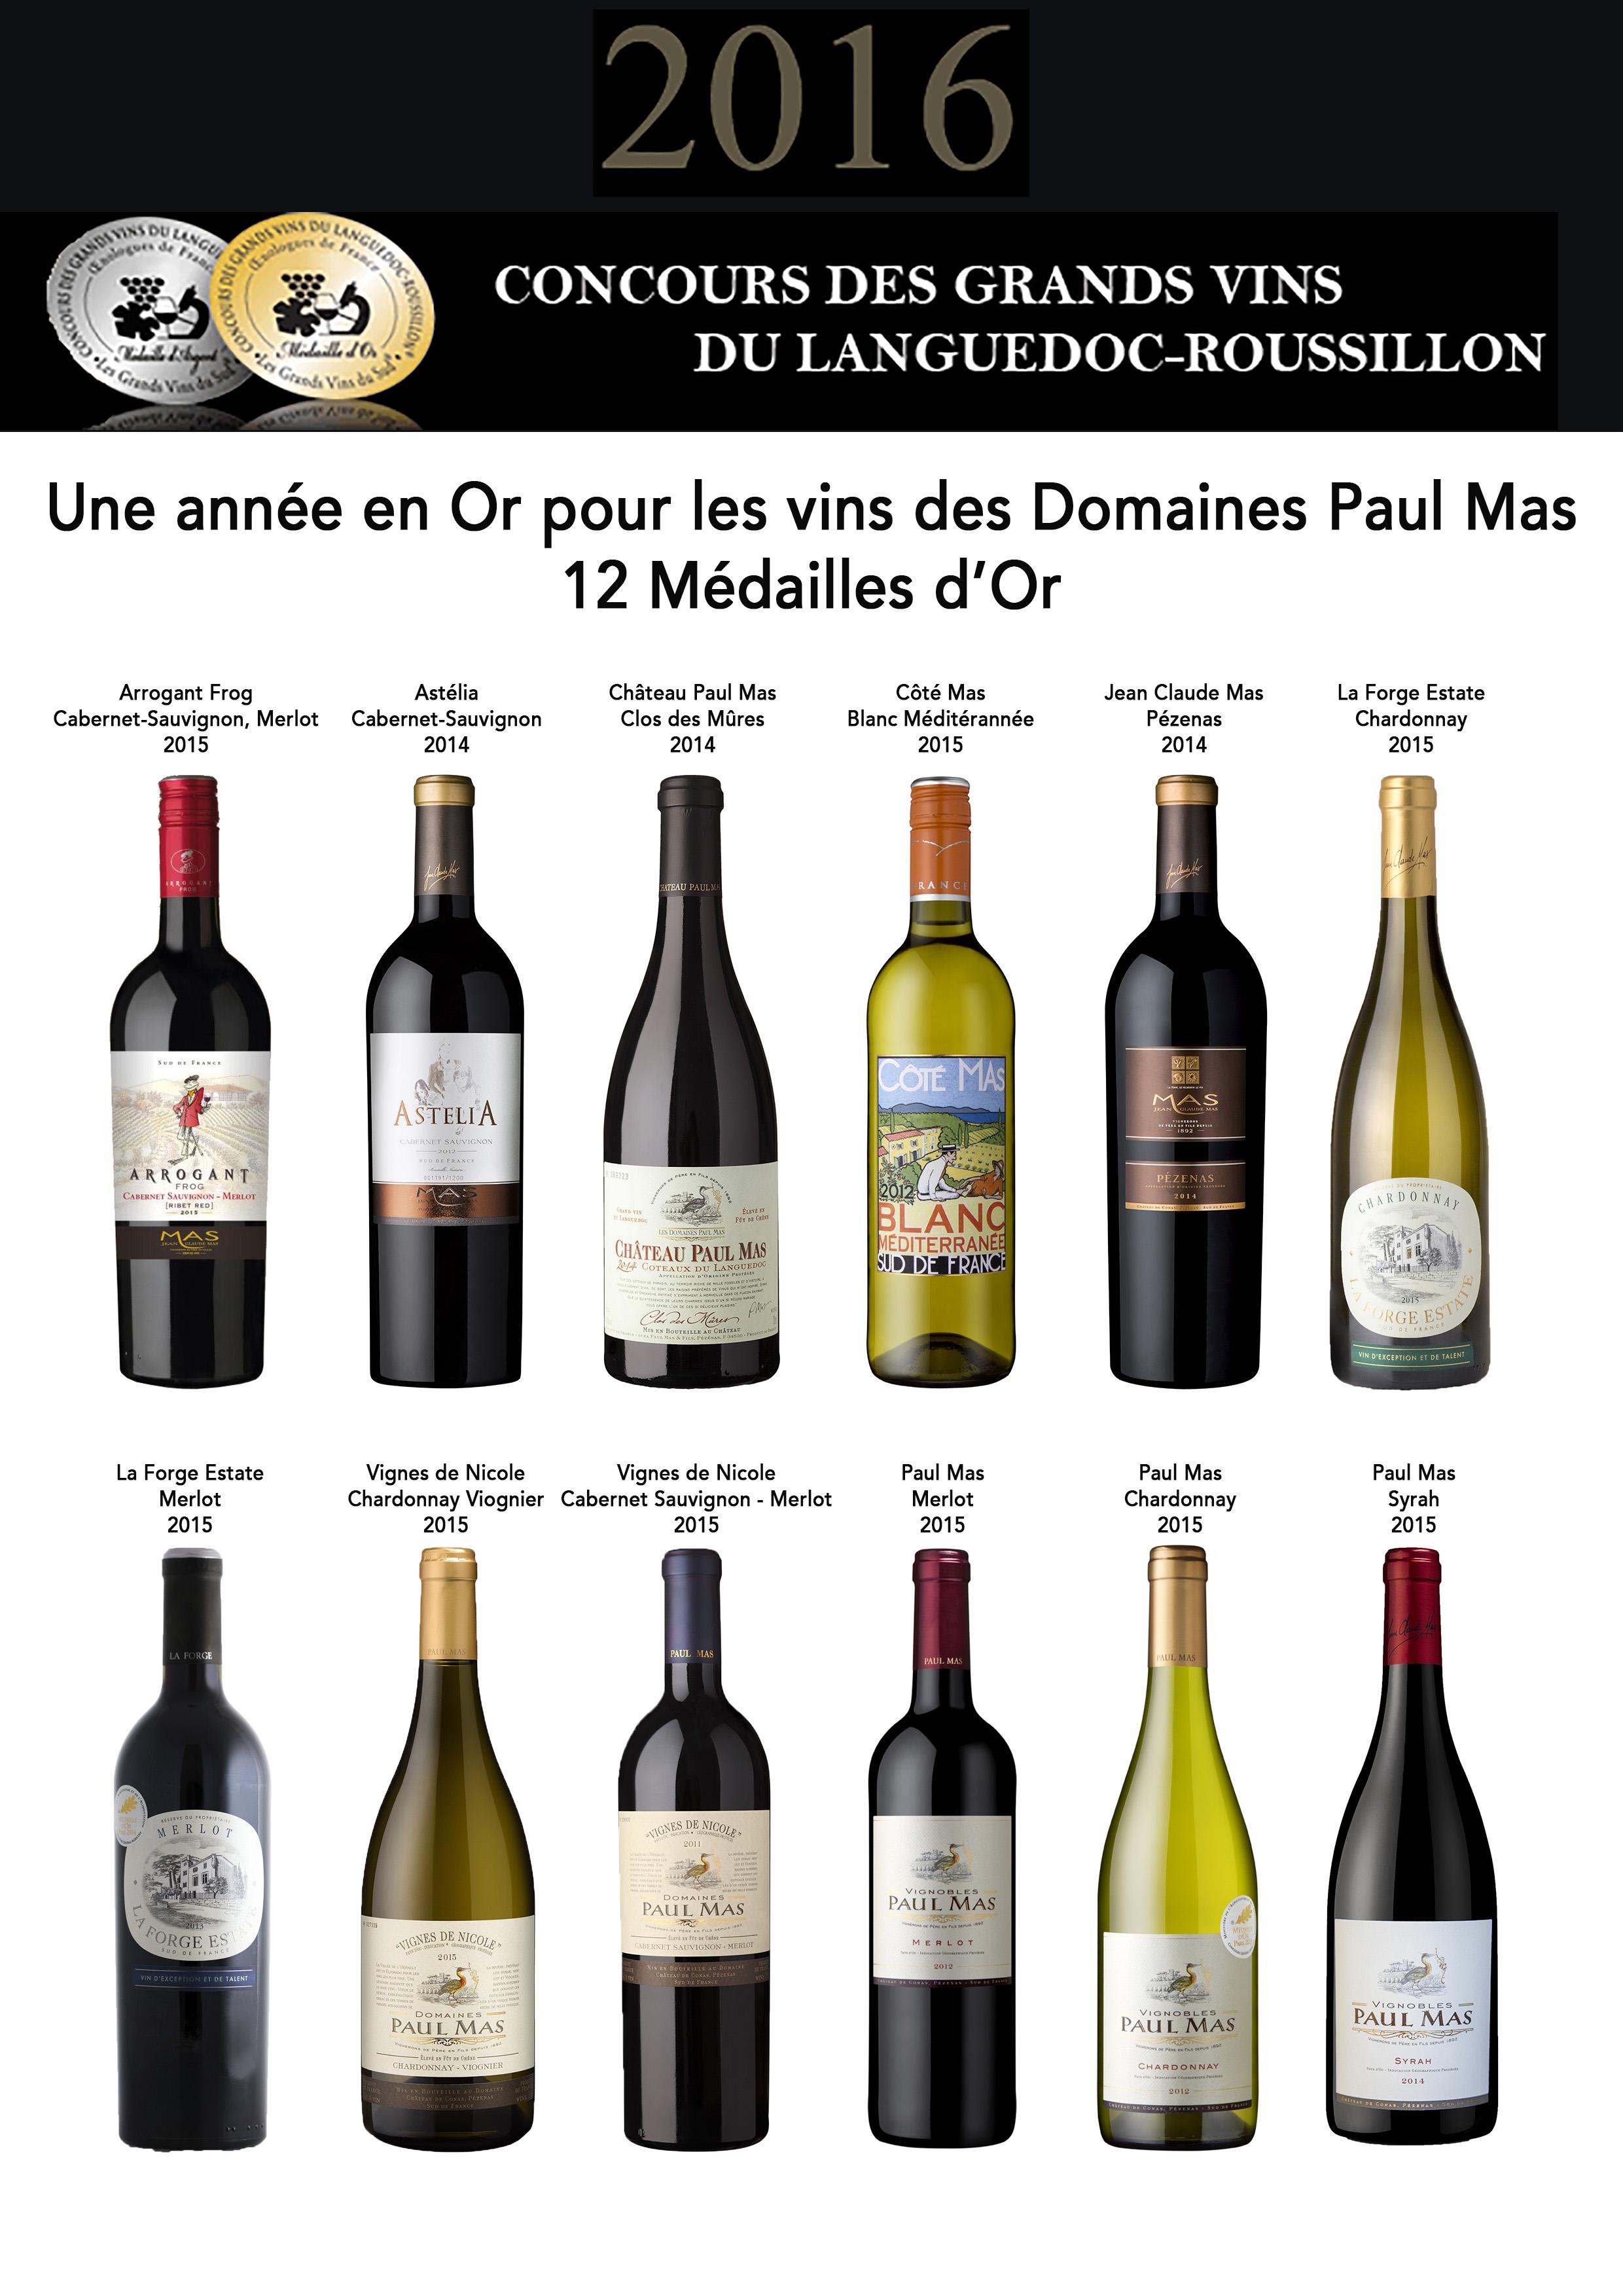 grands vins languedoc